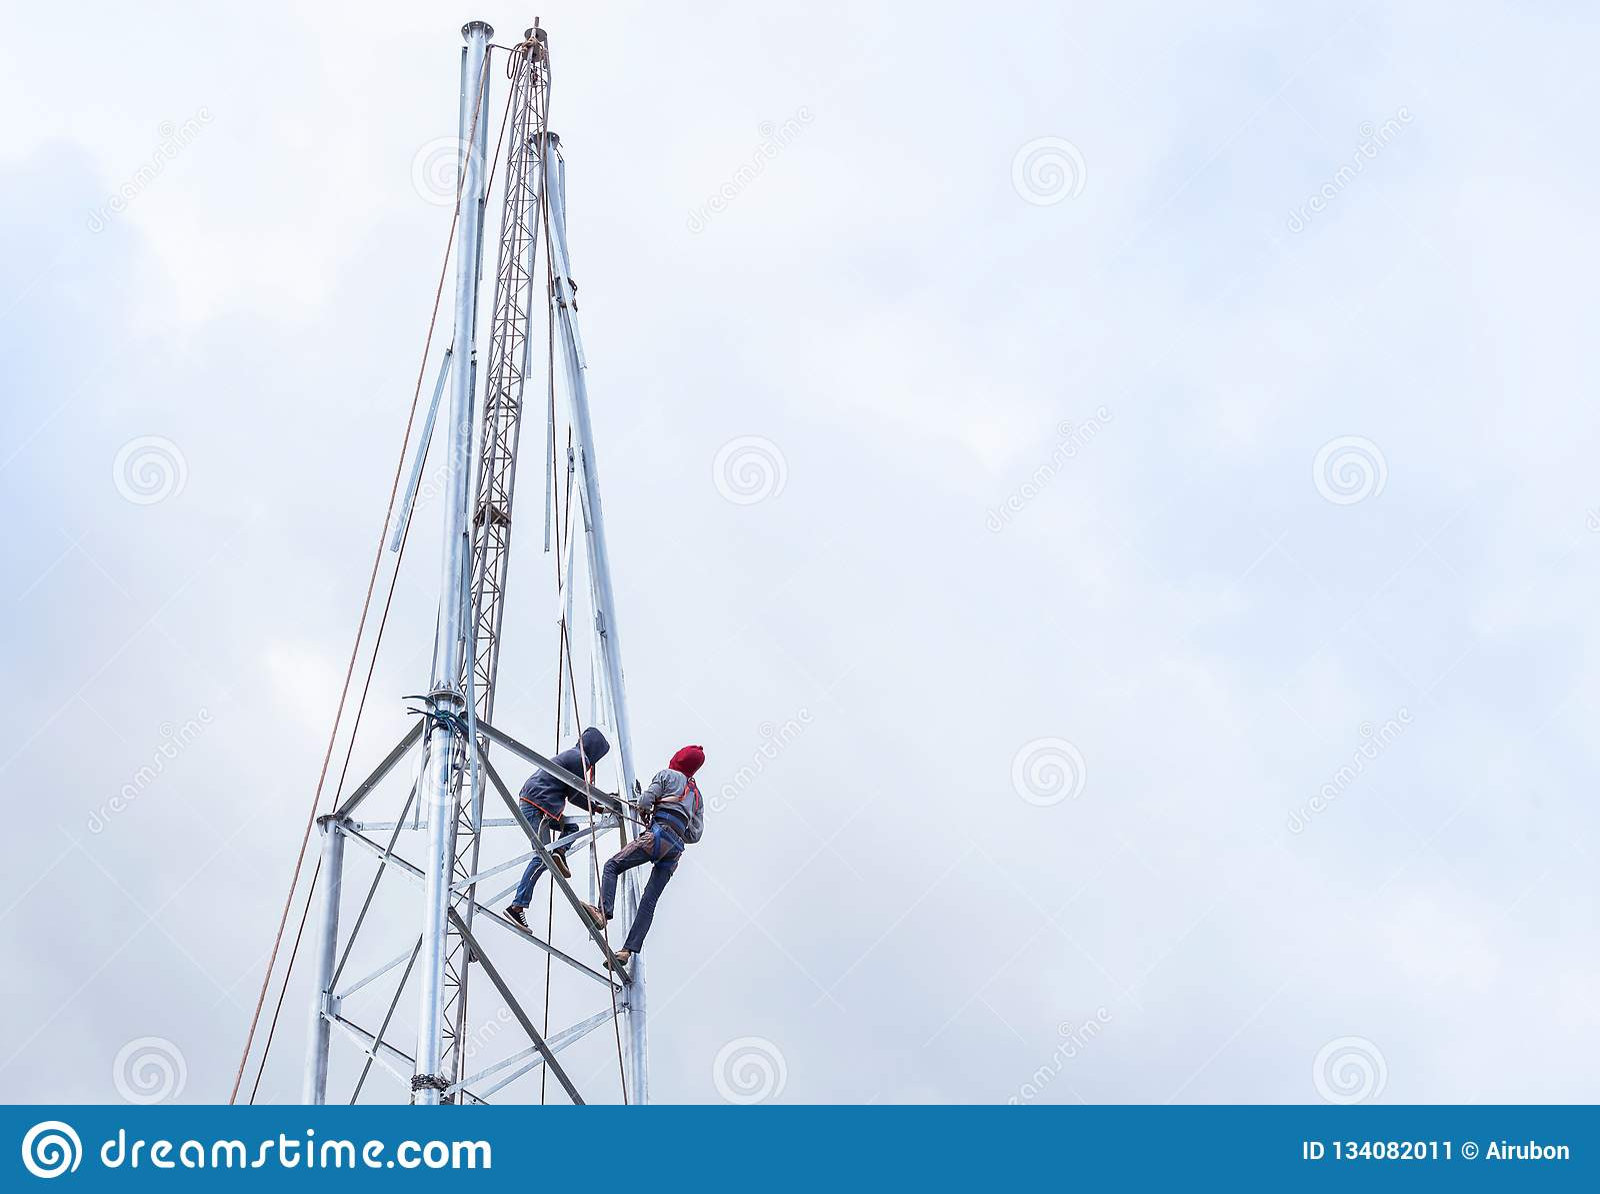 Elektriker som arbetar i höjden för installationsantennkommunikation